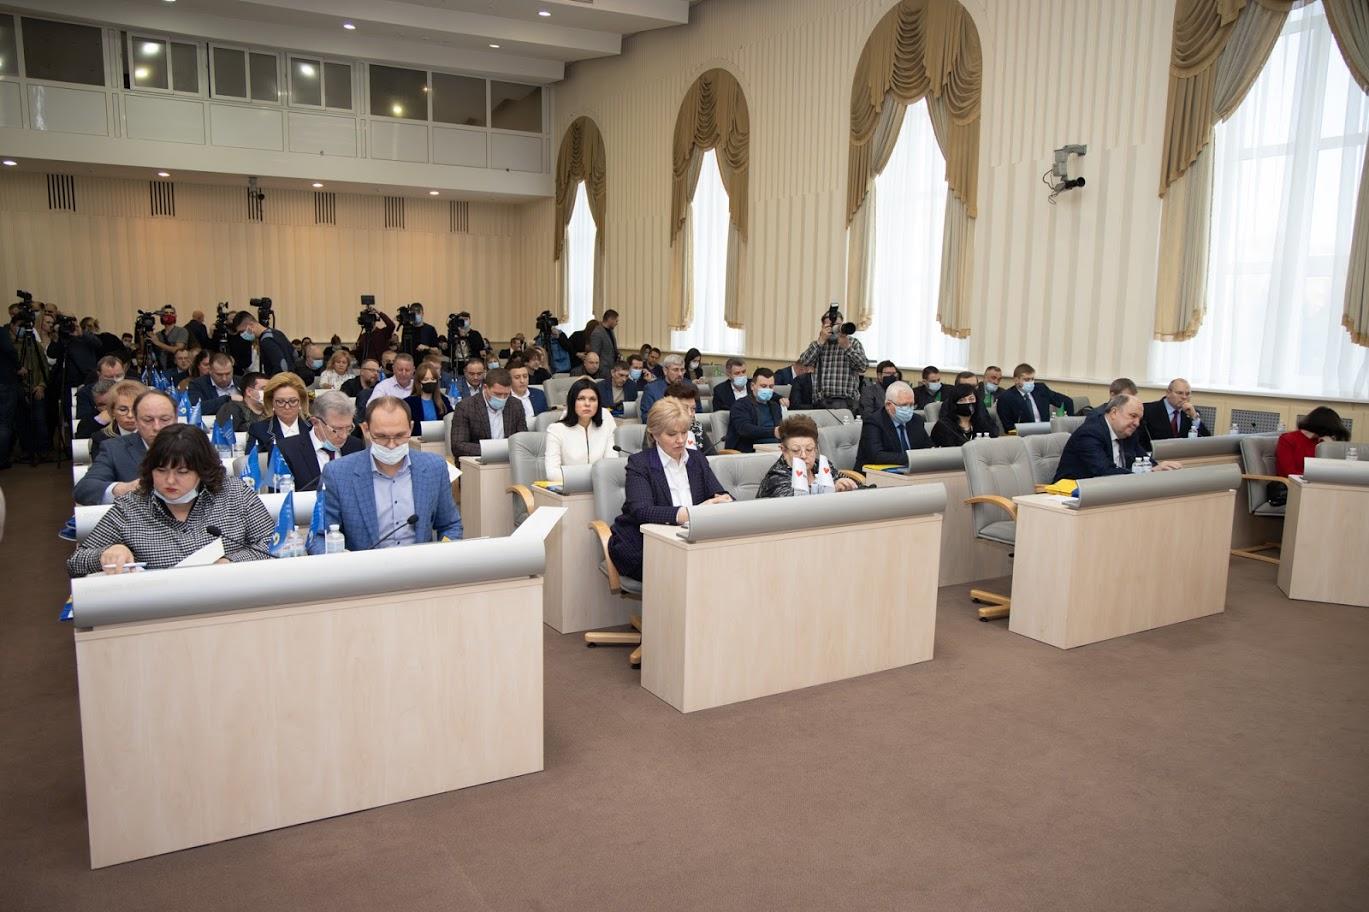 Что получат Никополь и регион от области в 2021 году: утвержден список объектов